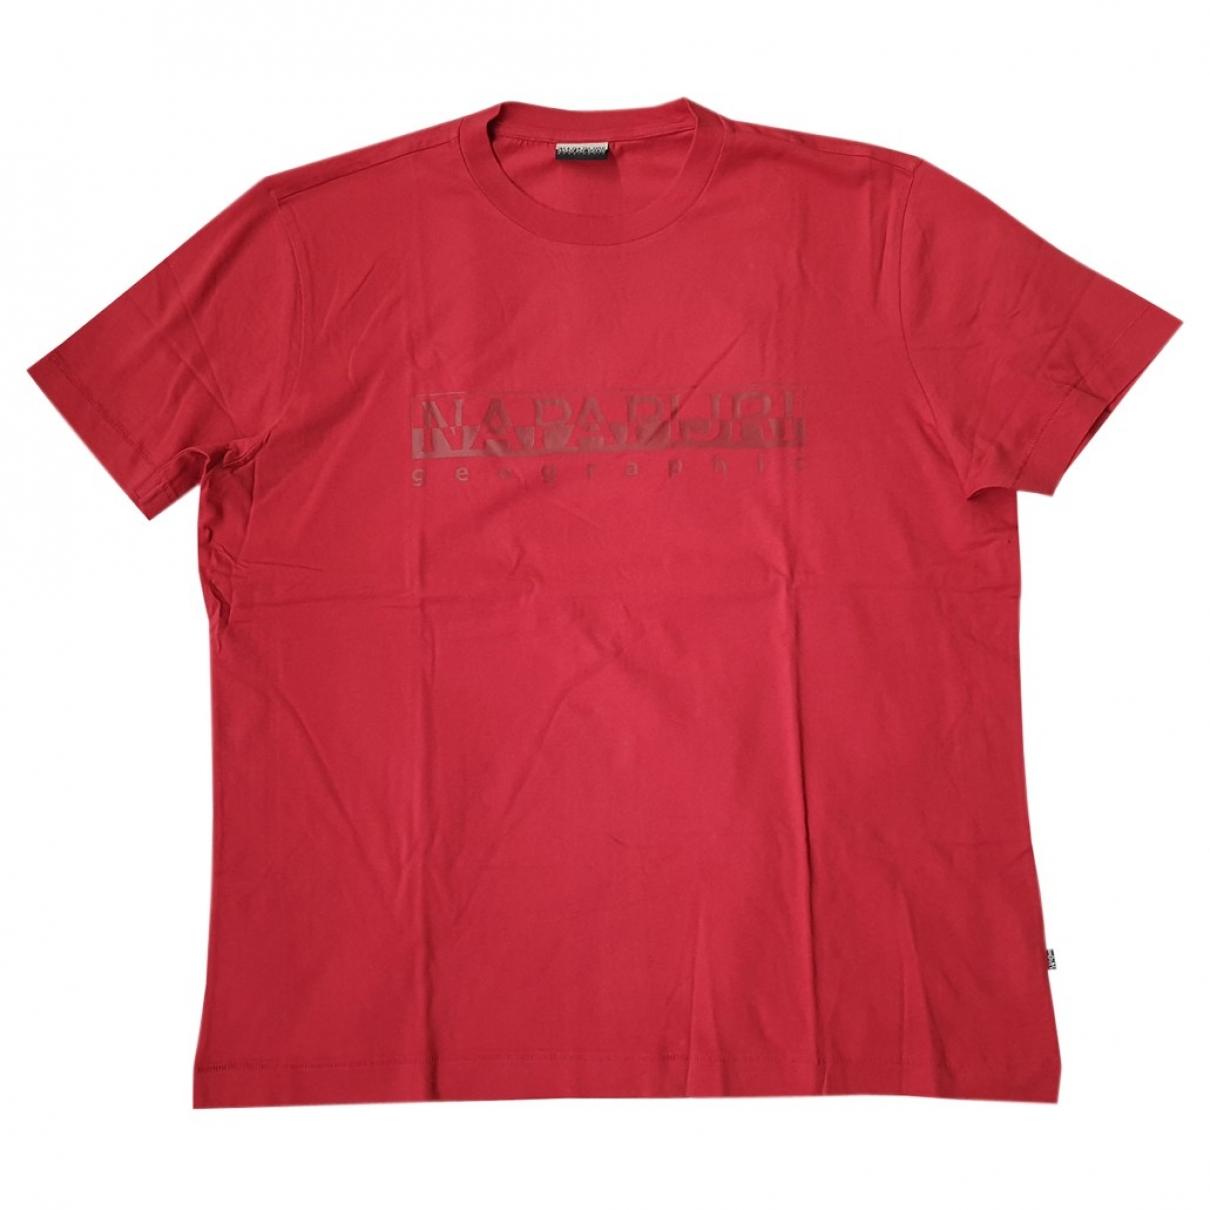 Napapijri - Tee shirts   pour homme en coton - rouge